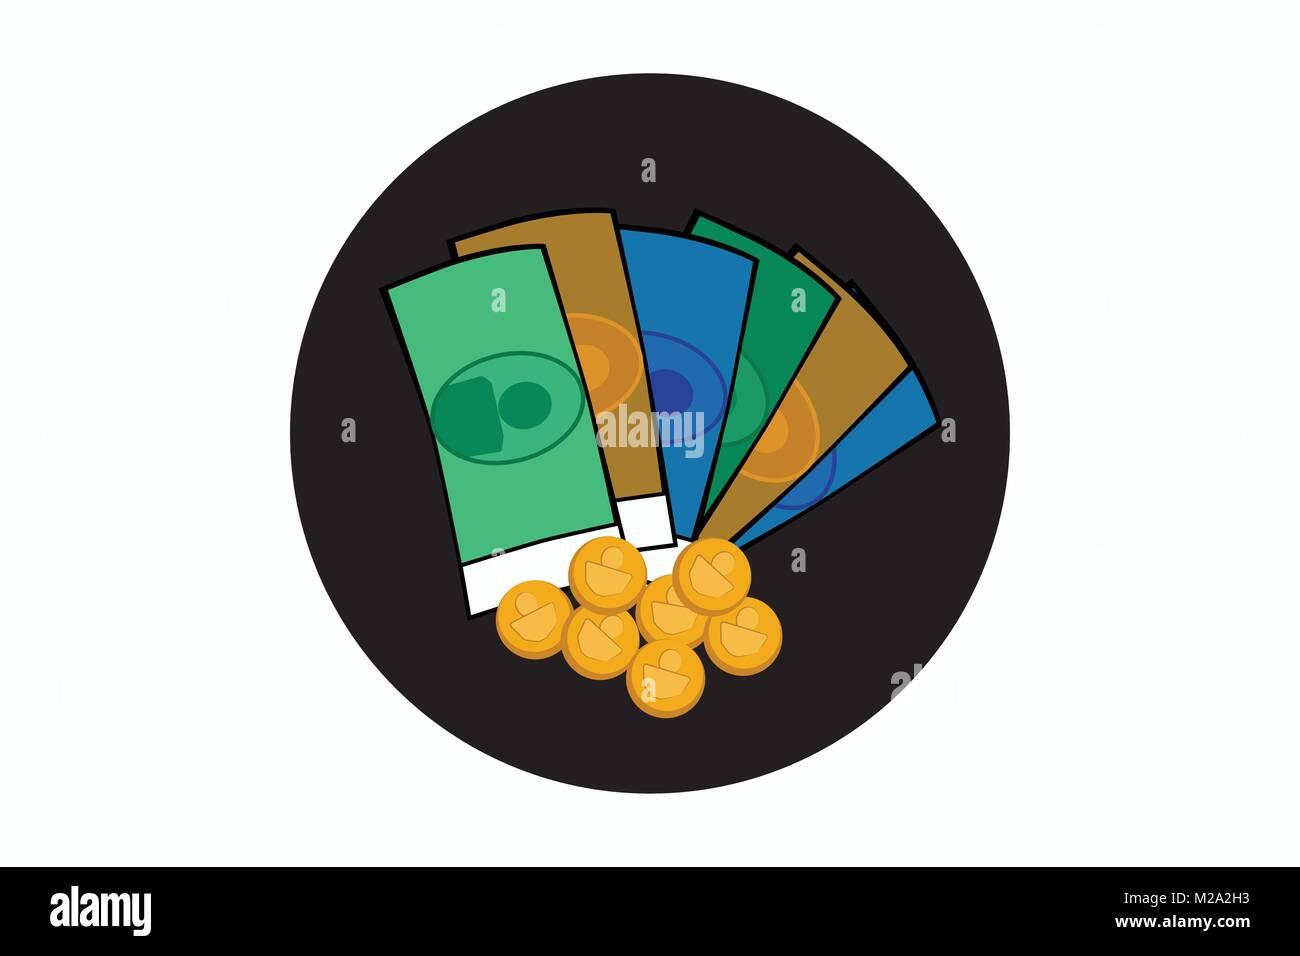 Schematic Stockfotos & Schematic Bilder - Seite 2 - Alamy